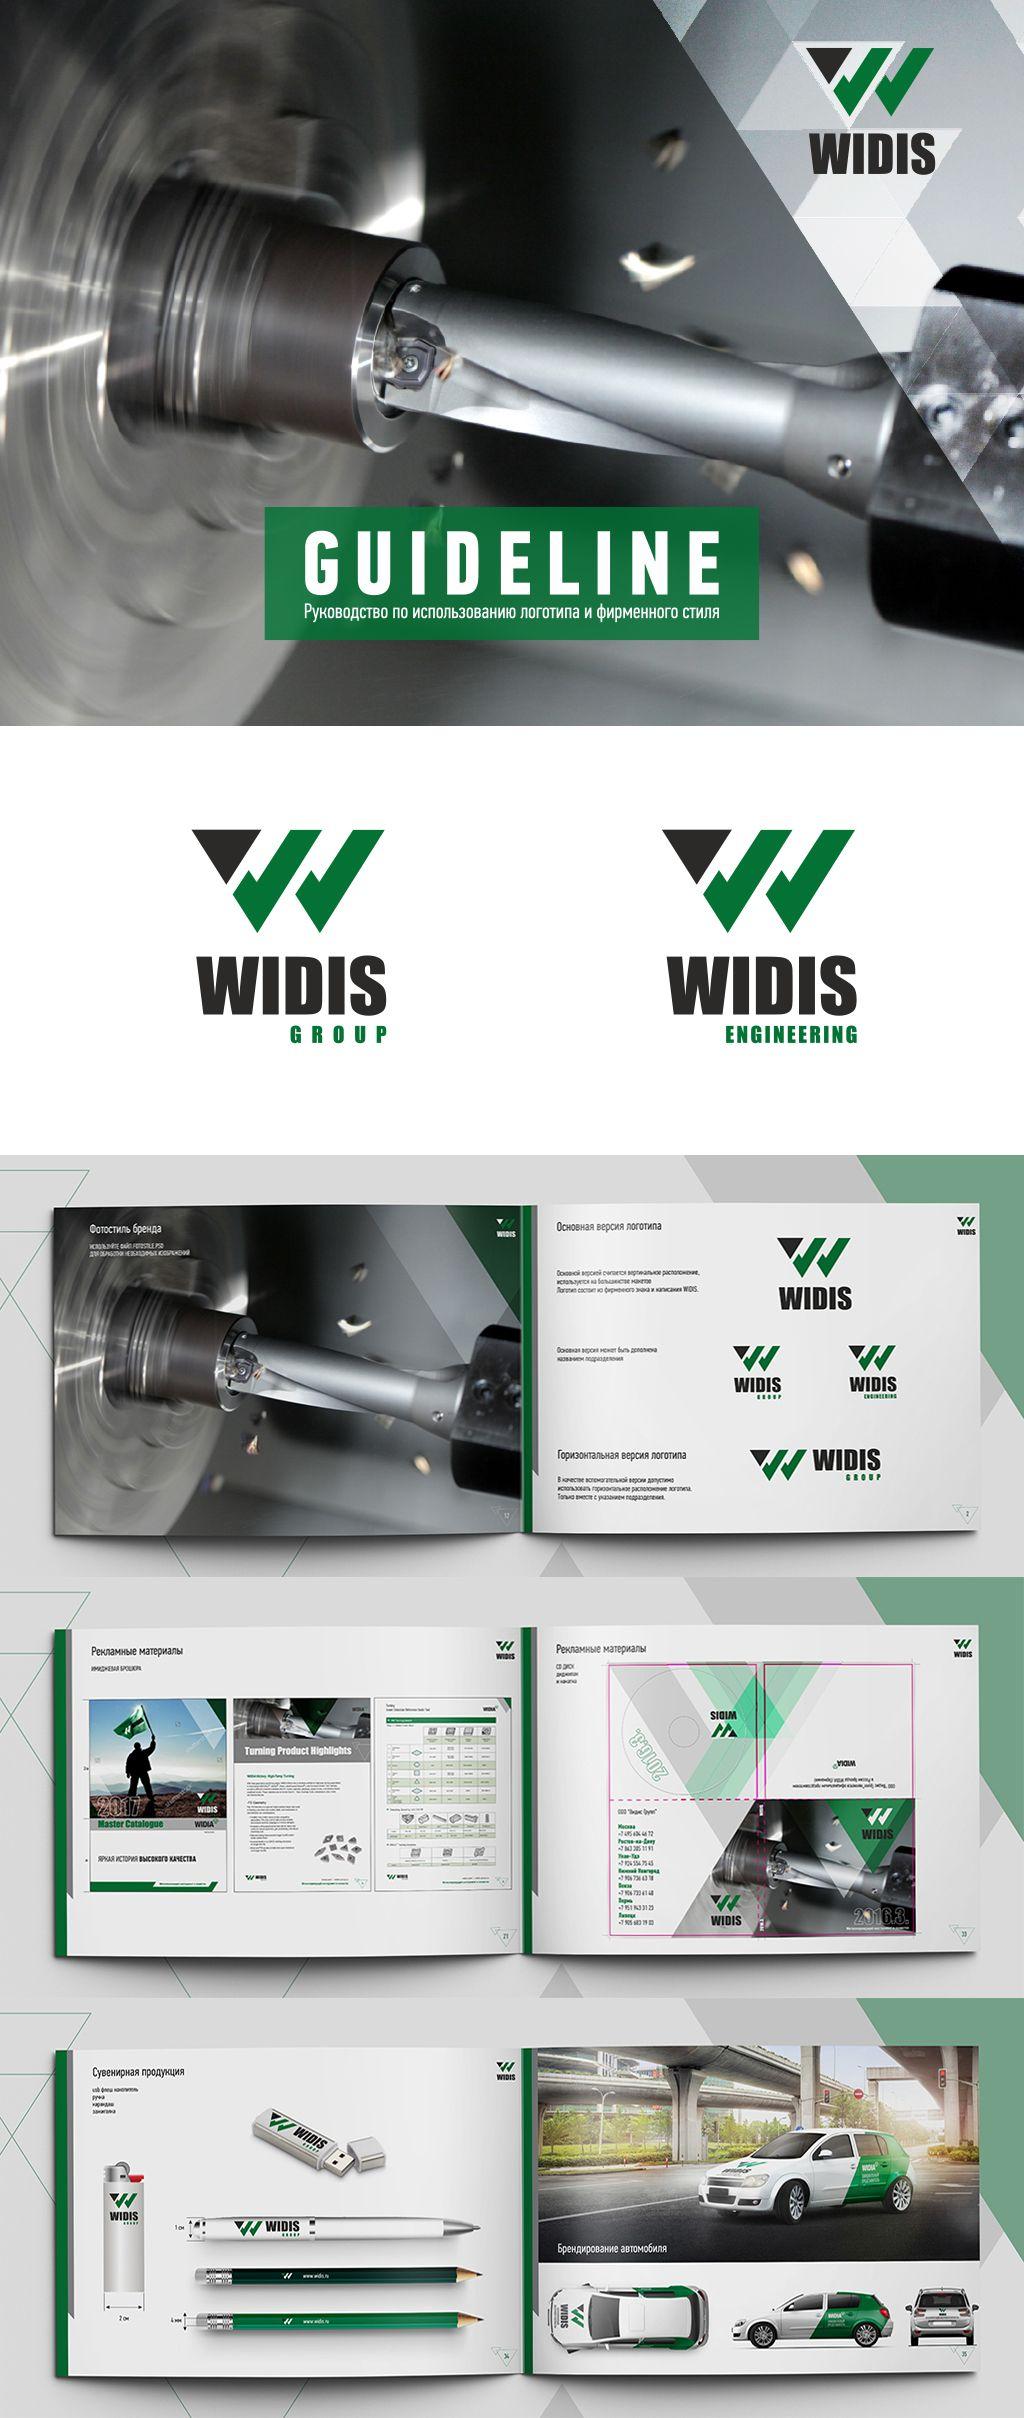 #guideline, w #logo #design. Widis logo. #Corporate #identity. #Фирменный #стиль и логотип для промышленной компании. Лого на букву W